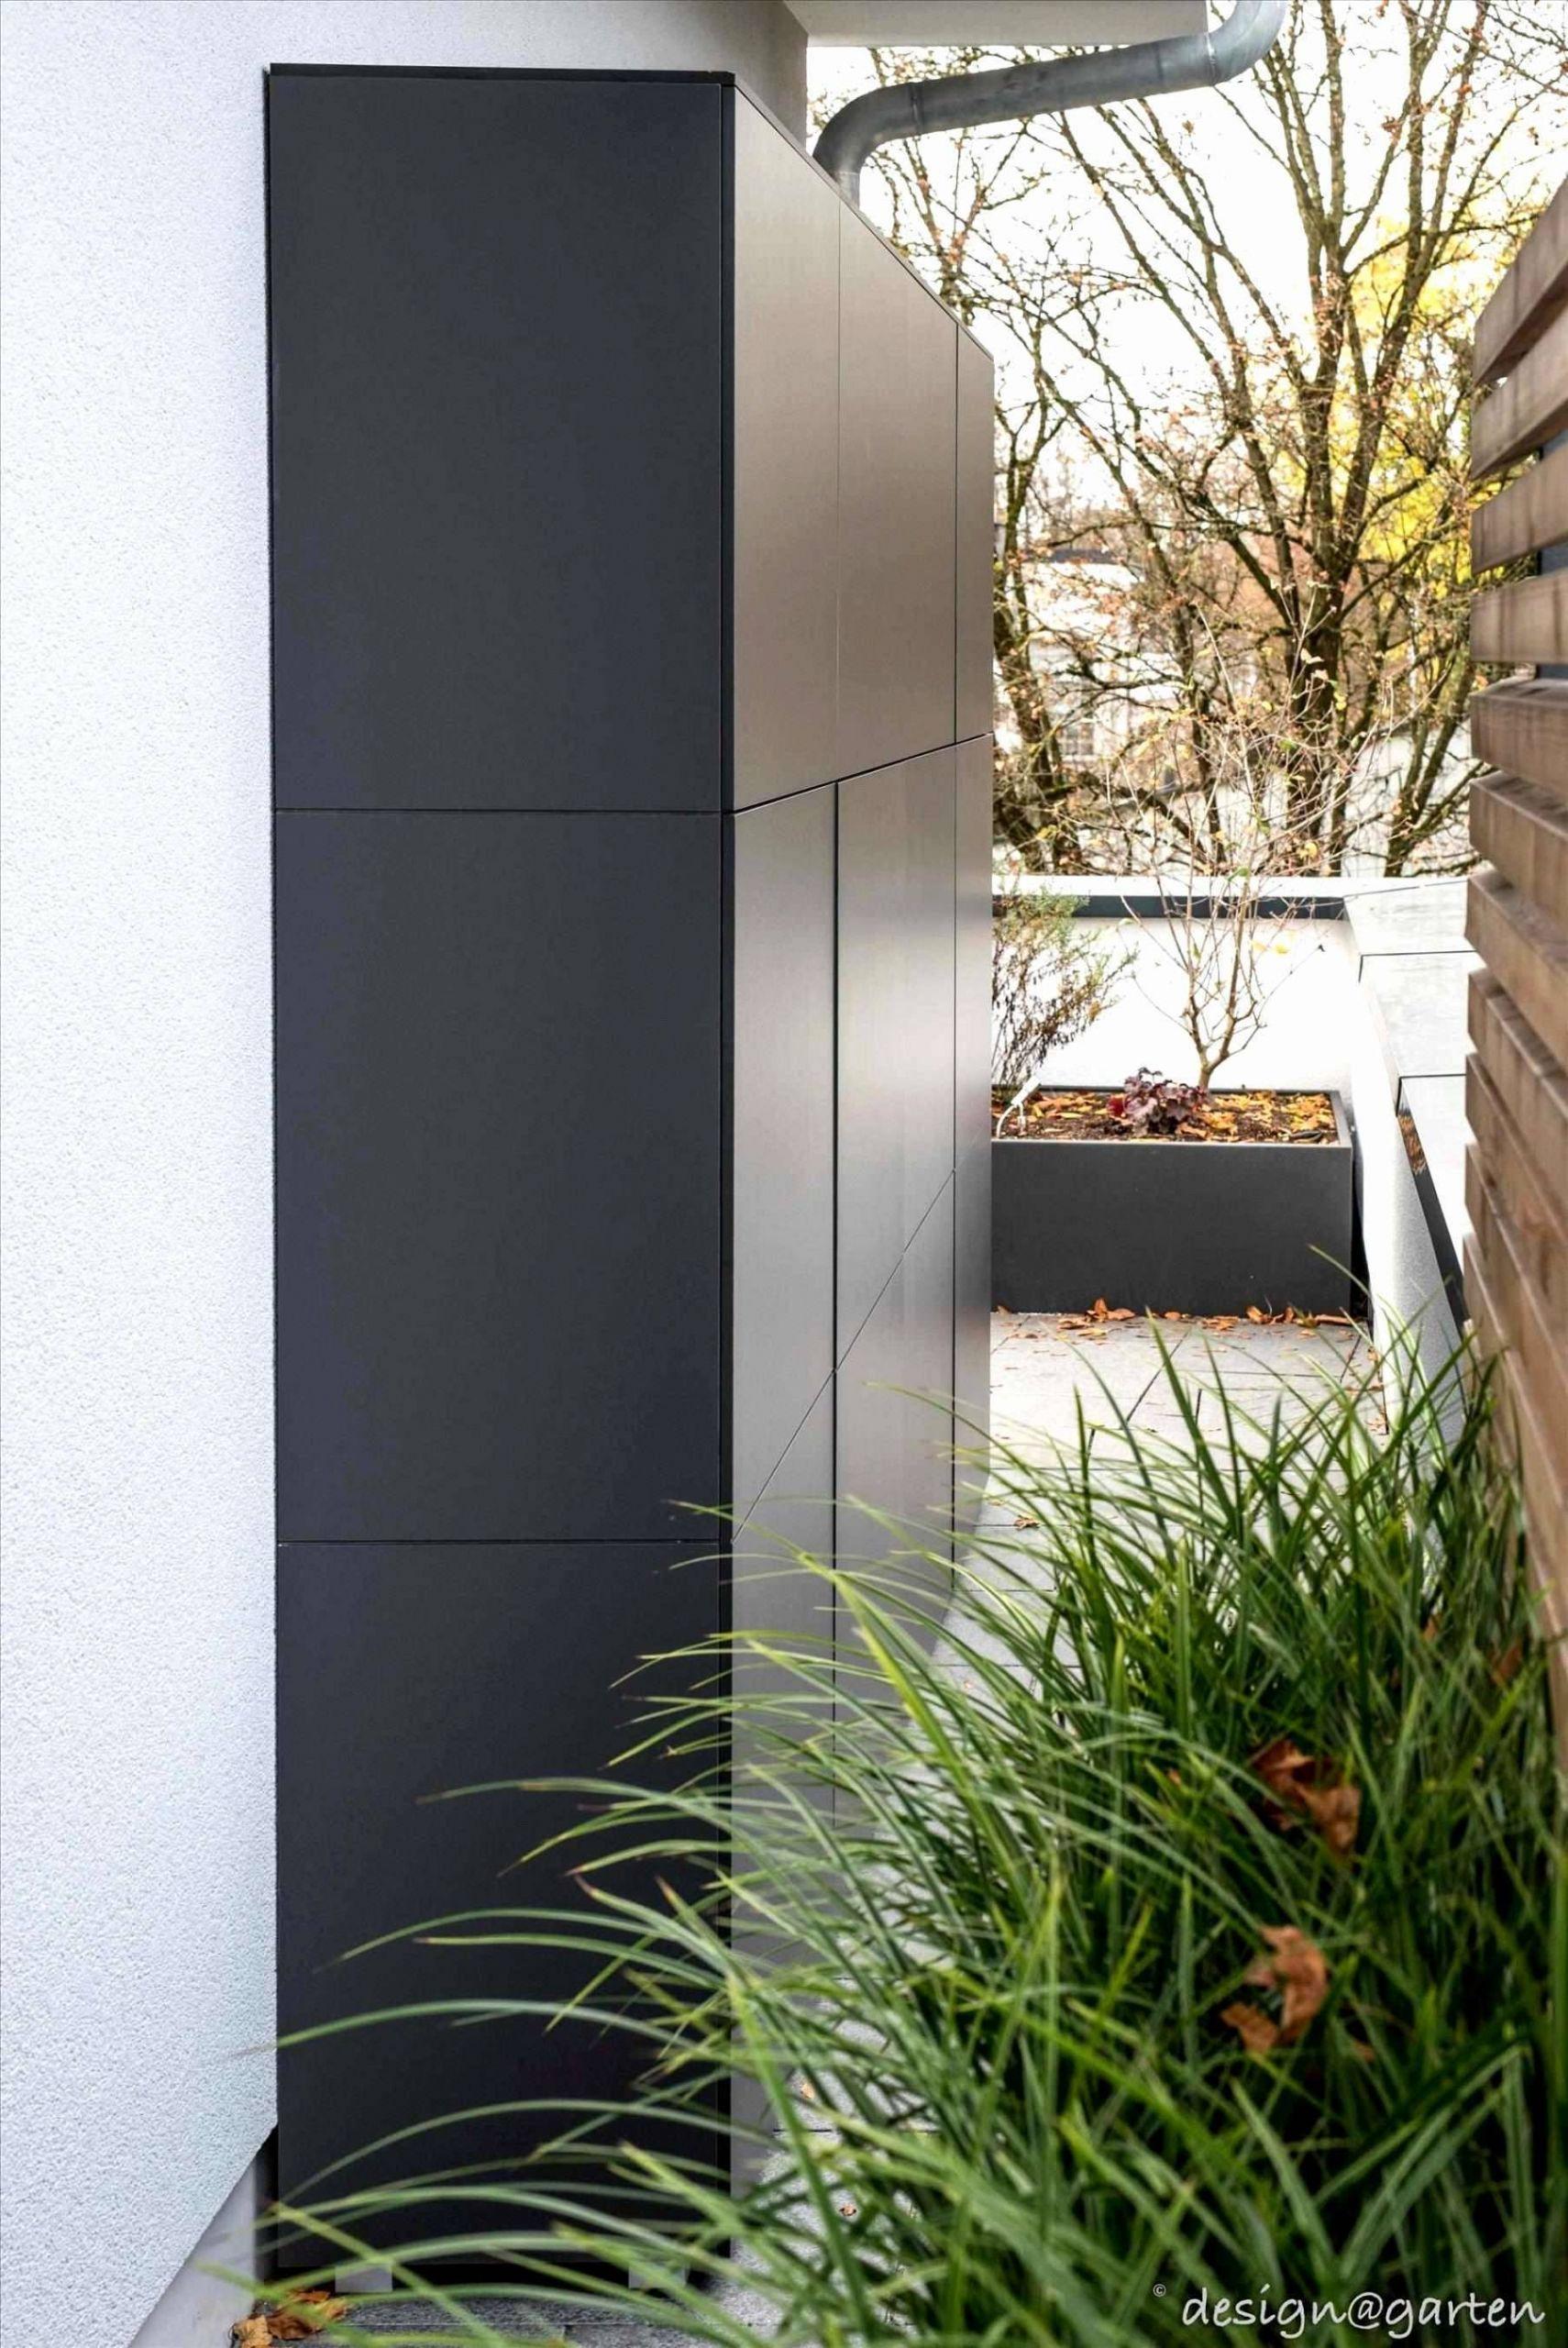 Deko Ideen Für Den Garten Neu Best Vorhänge Für Wohnzimmer Ideen Concept